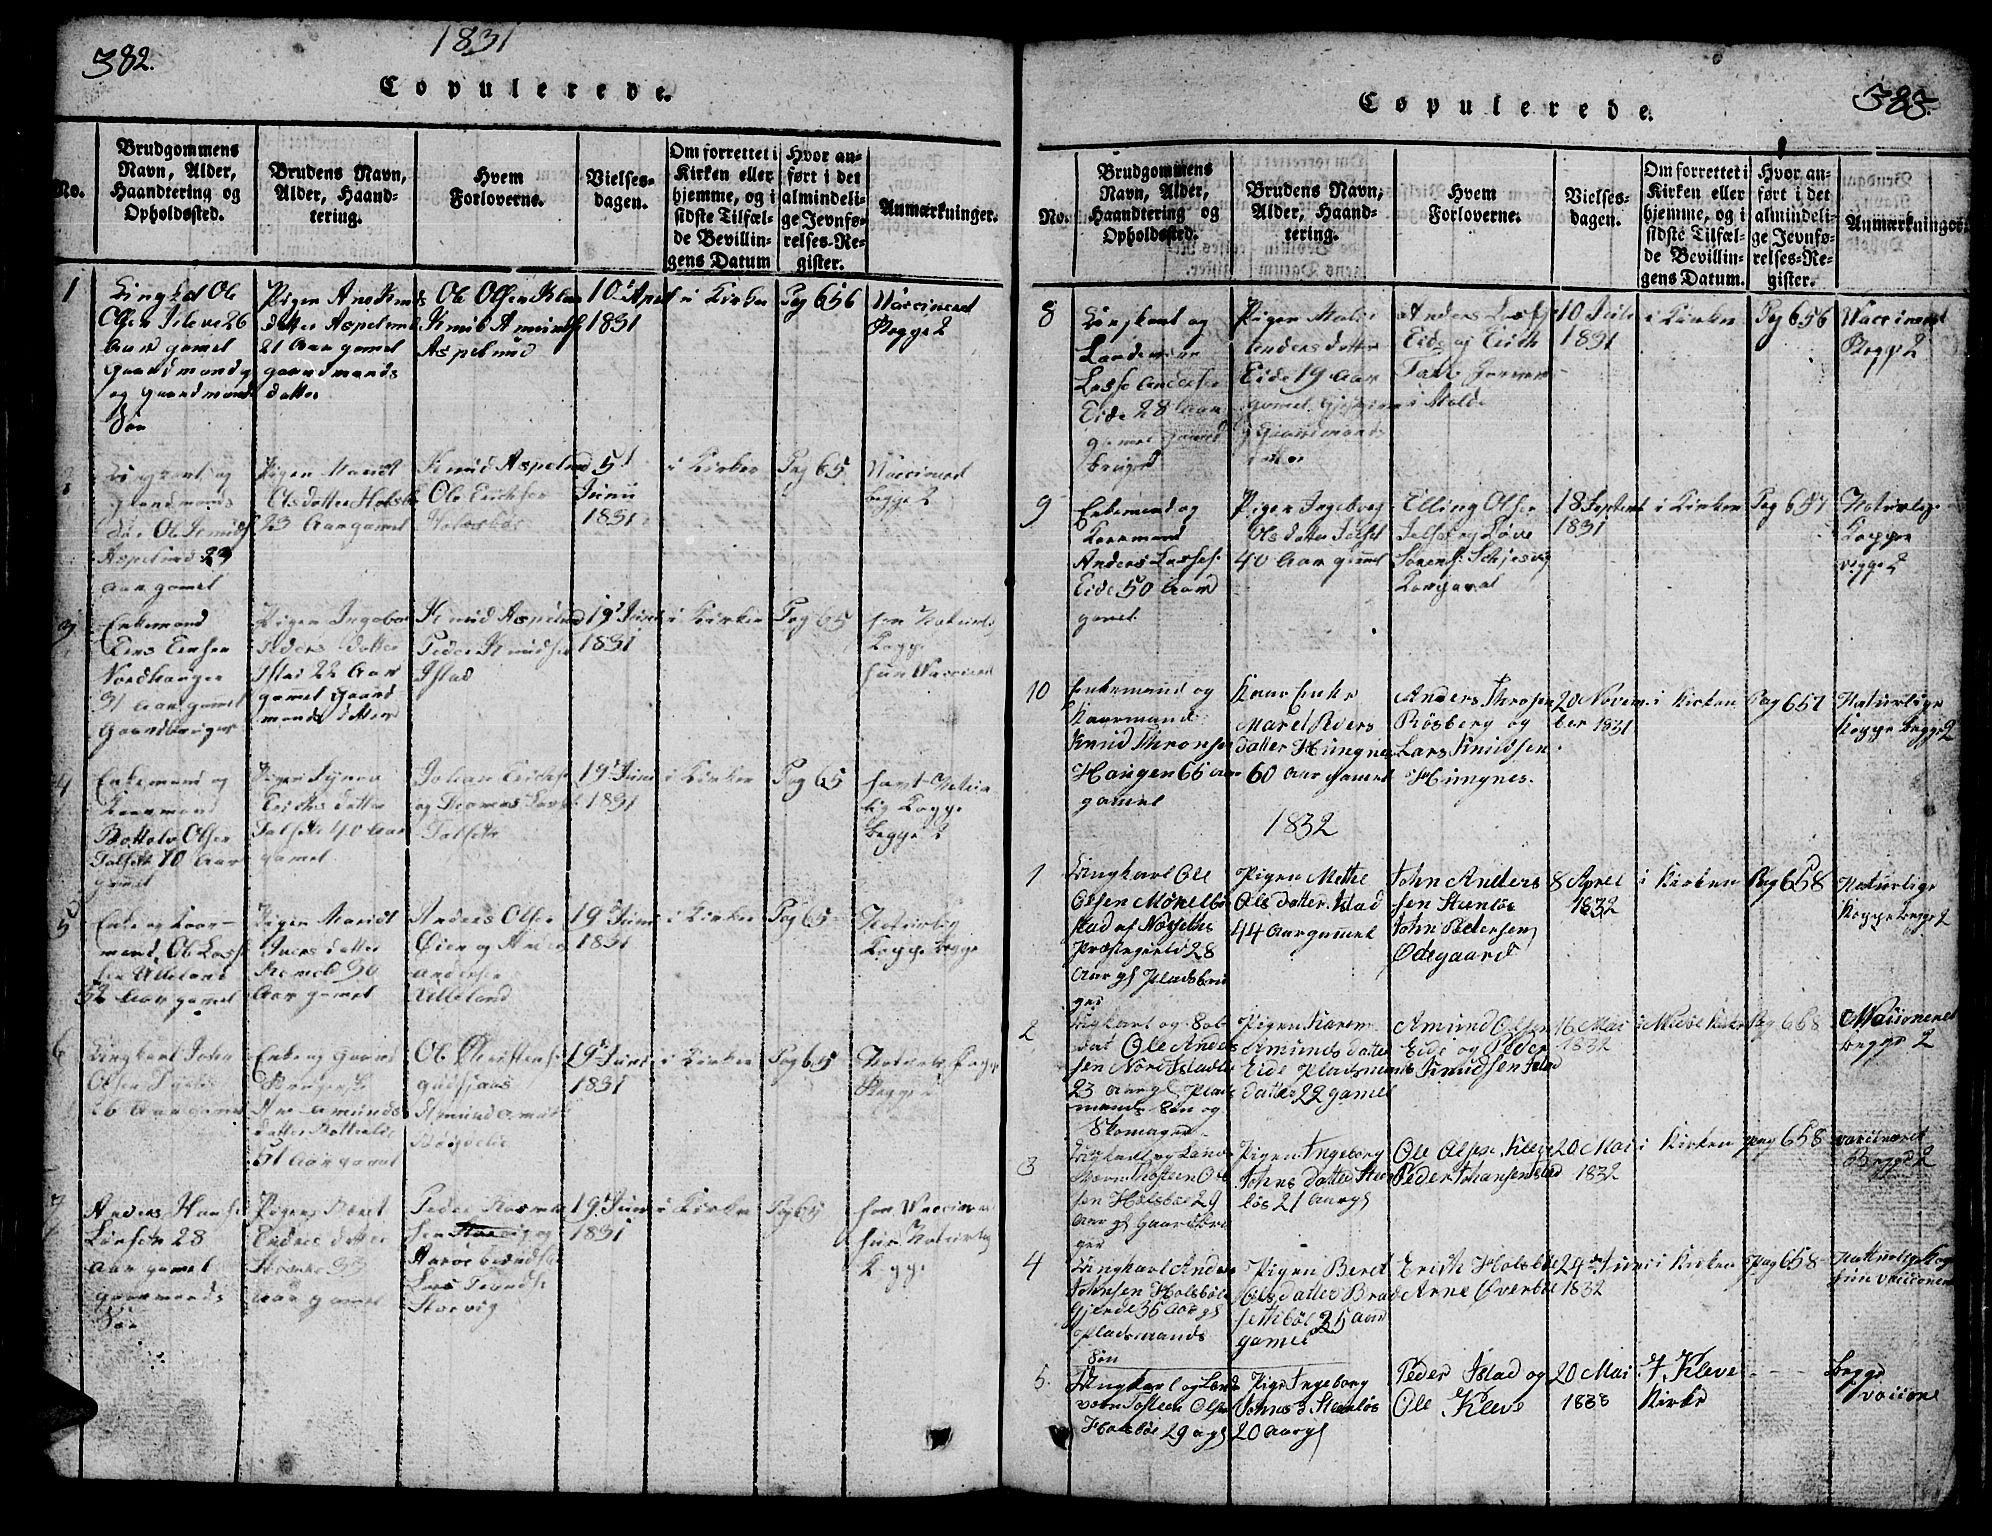 SAT, Ministerialprotokoller, klokkerbøker og fødselsregistre - Møre og Romsdal, 557/L0683: Klokkerbok nr. 557C01, 1818-1862, s. 382-383